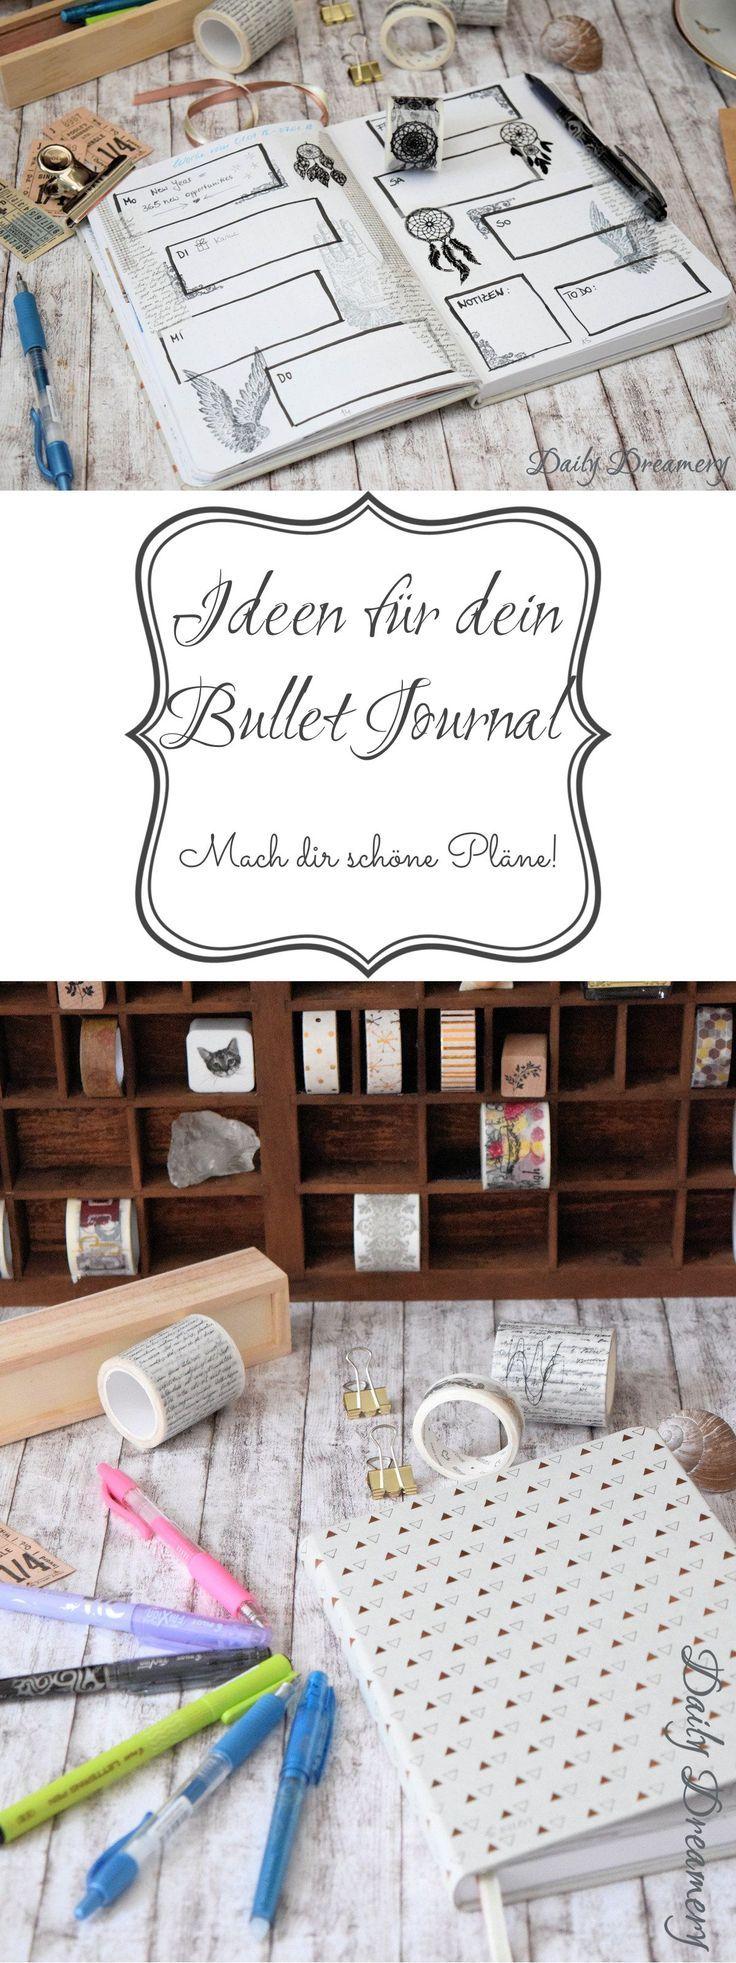 Ideen für dein Bullet Journal - mach dir schöne Pläne! [Anzeige] #latestfashionforwomen